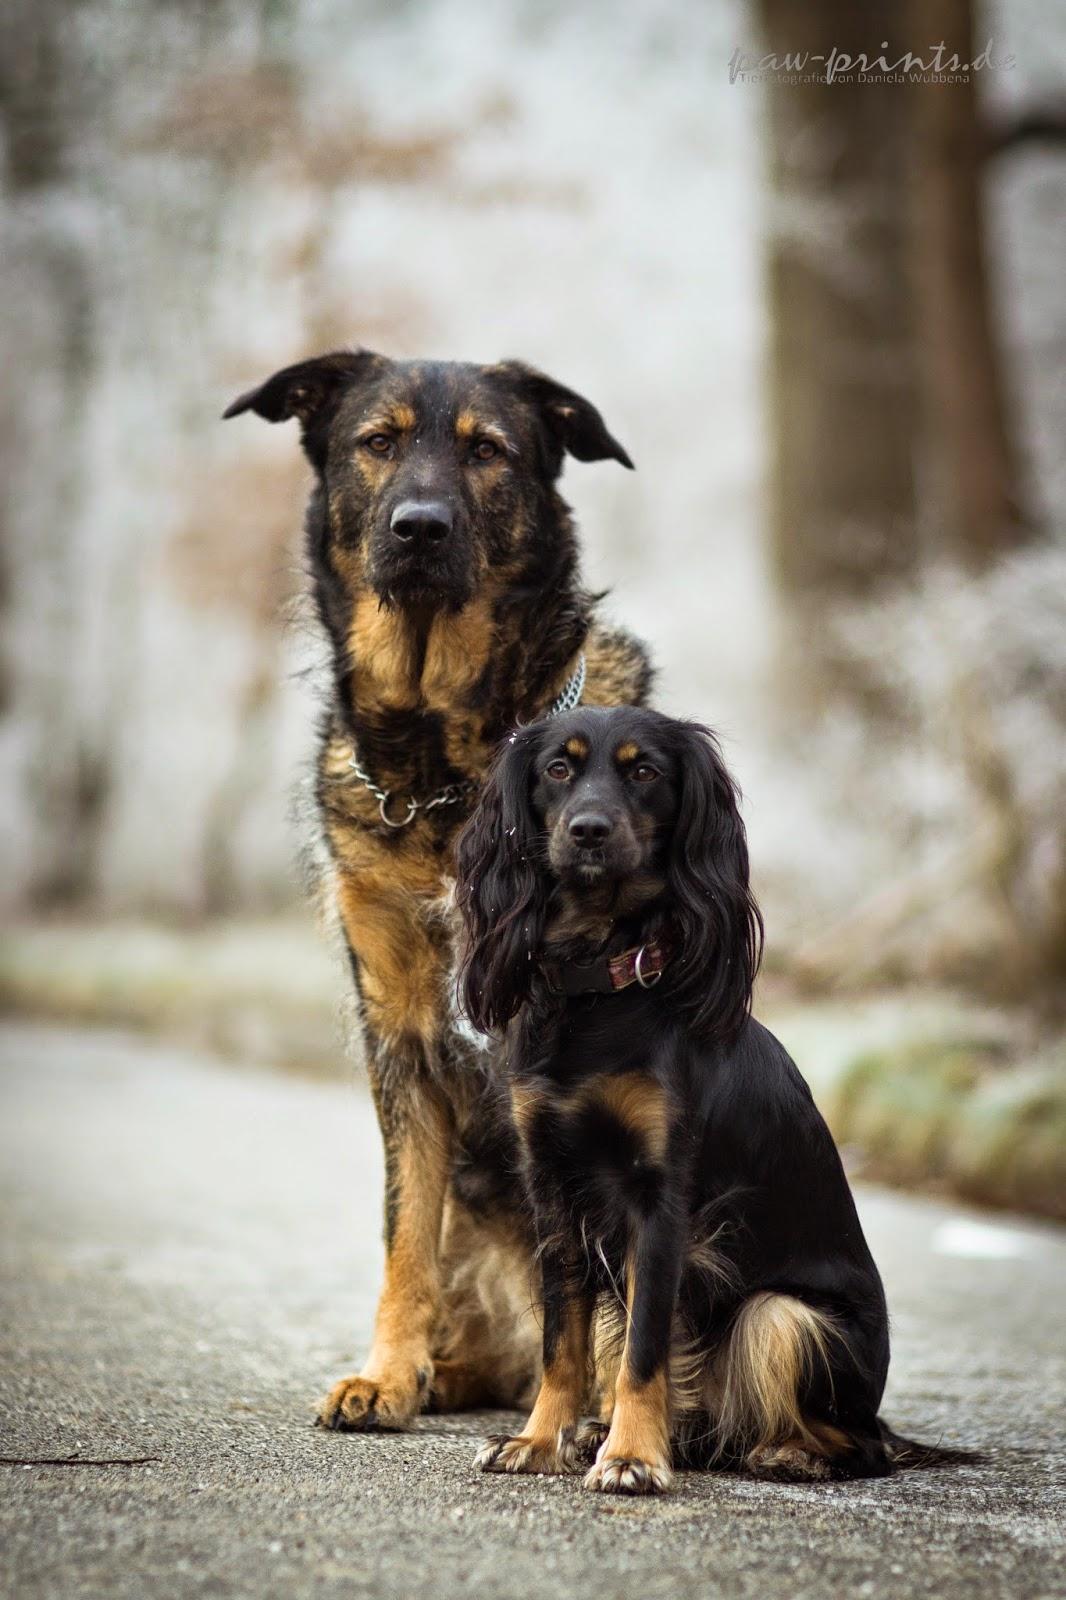 Inuki und Skadi, deutscher Schäferhund und Working Cocker Spaniel